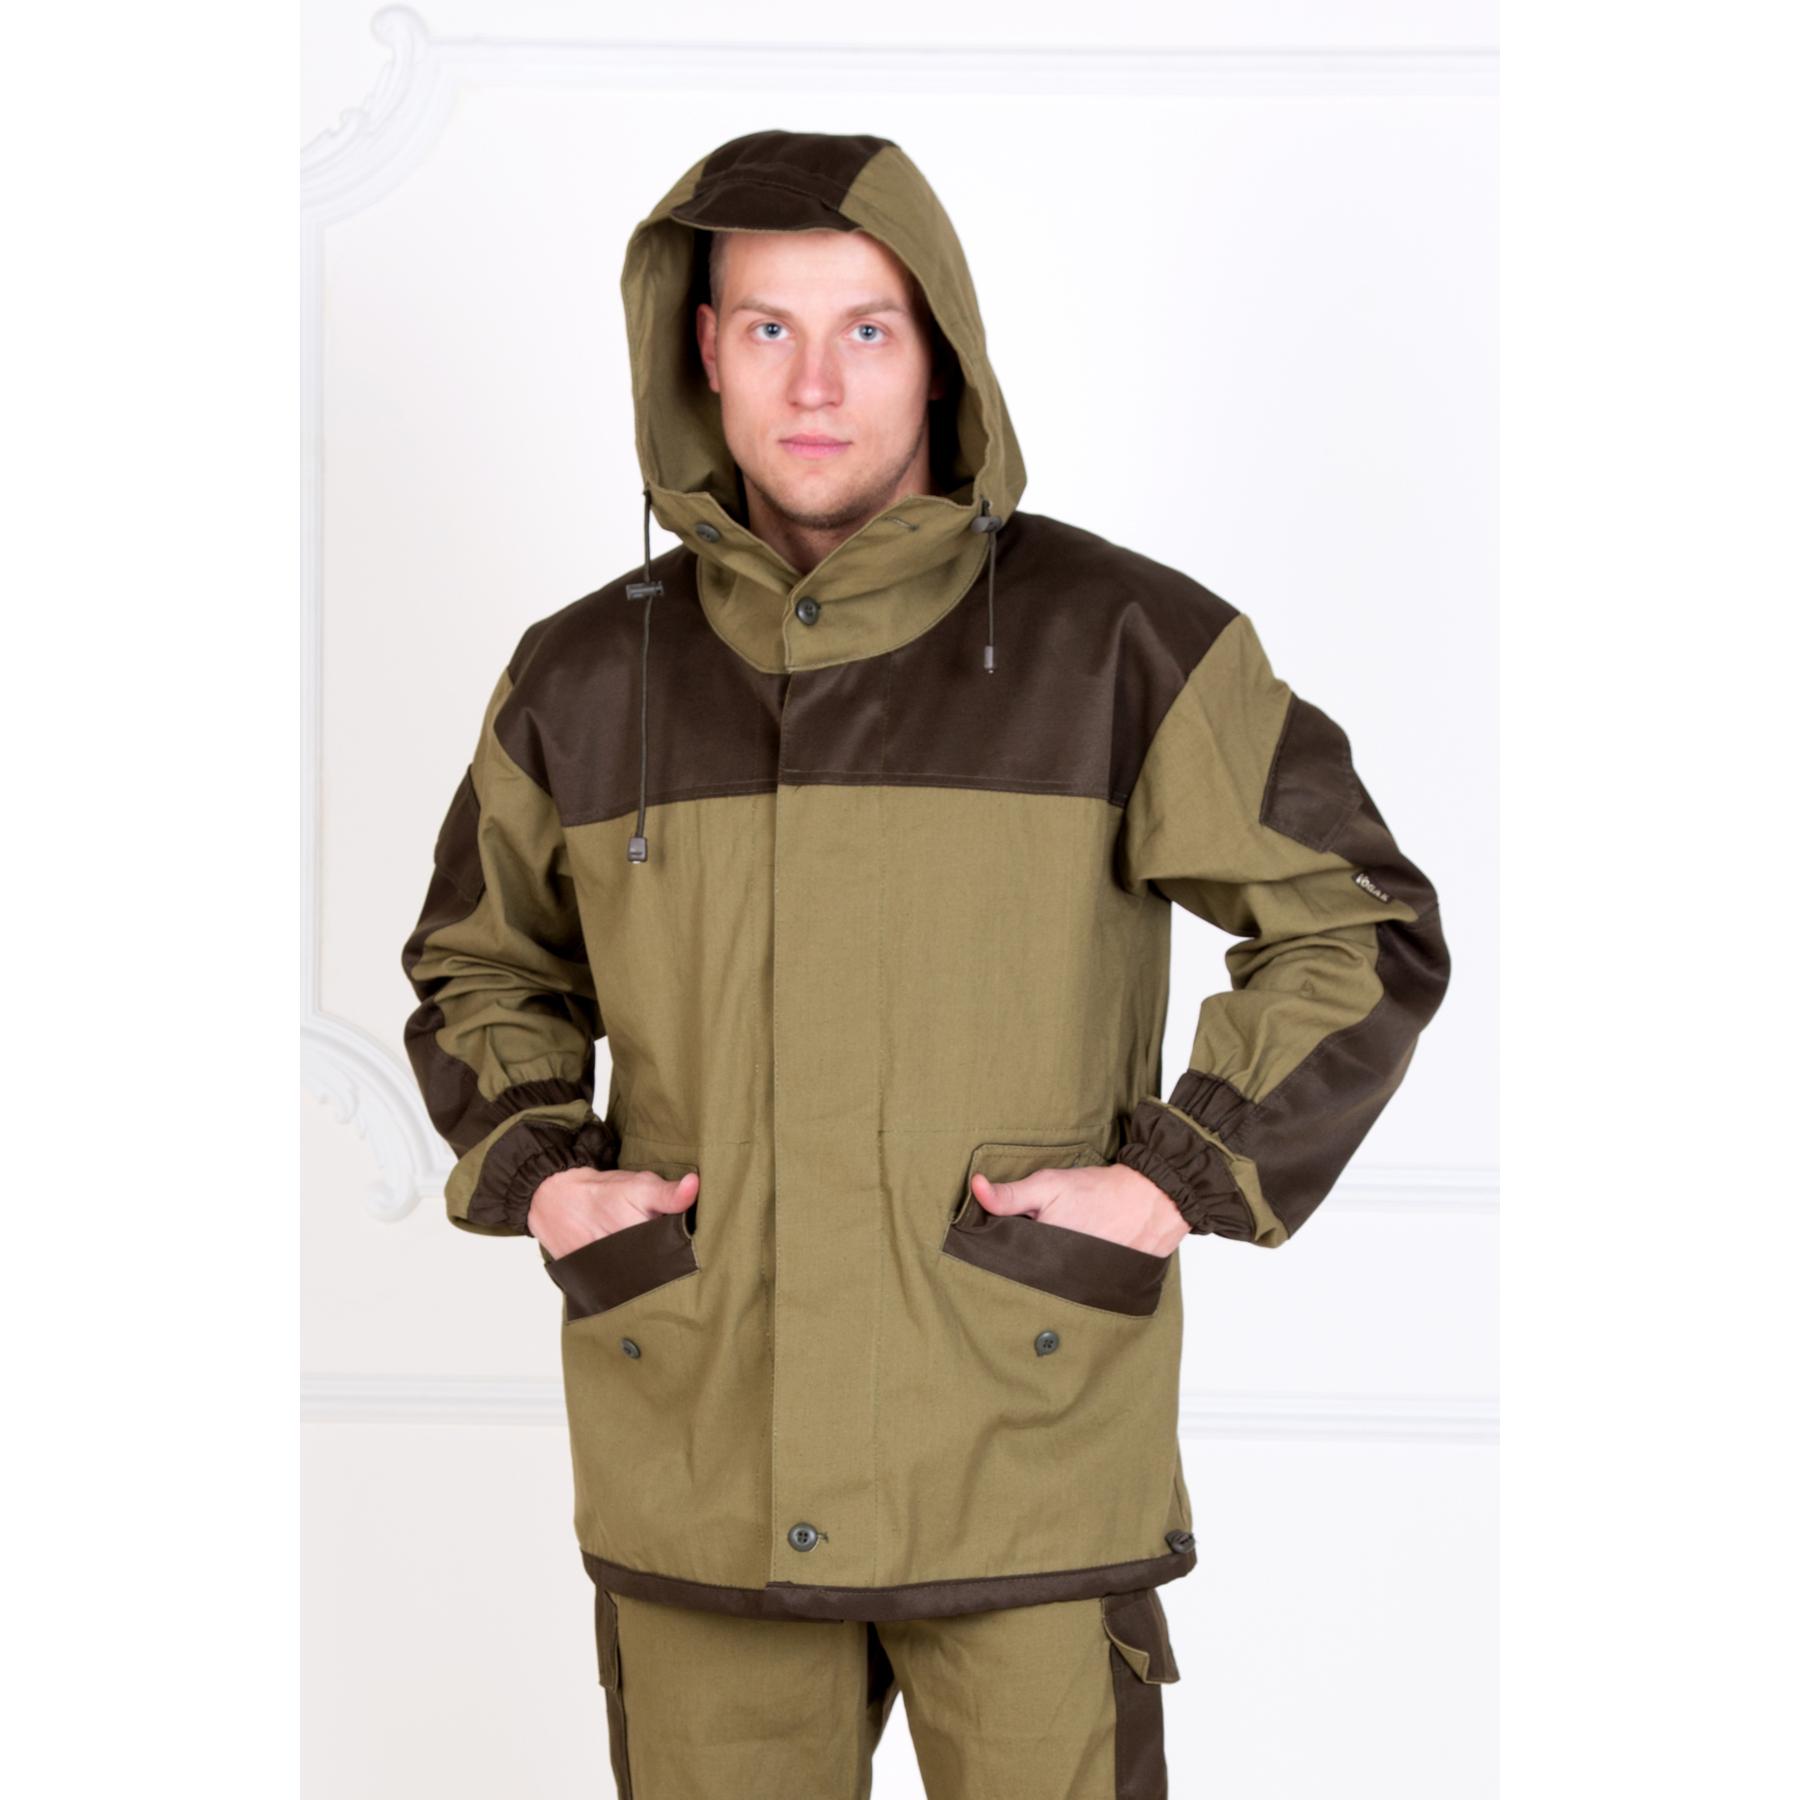 Мужской спецкостюм «Горка-3», размер 56Спецодежда<br><br><br>Тип: Муж. костюм<br>Размер: 56<br>Материал: Хлопок